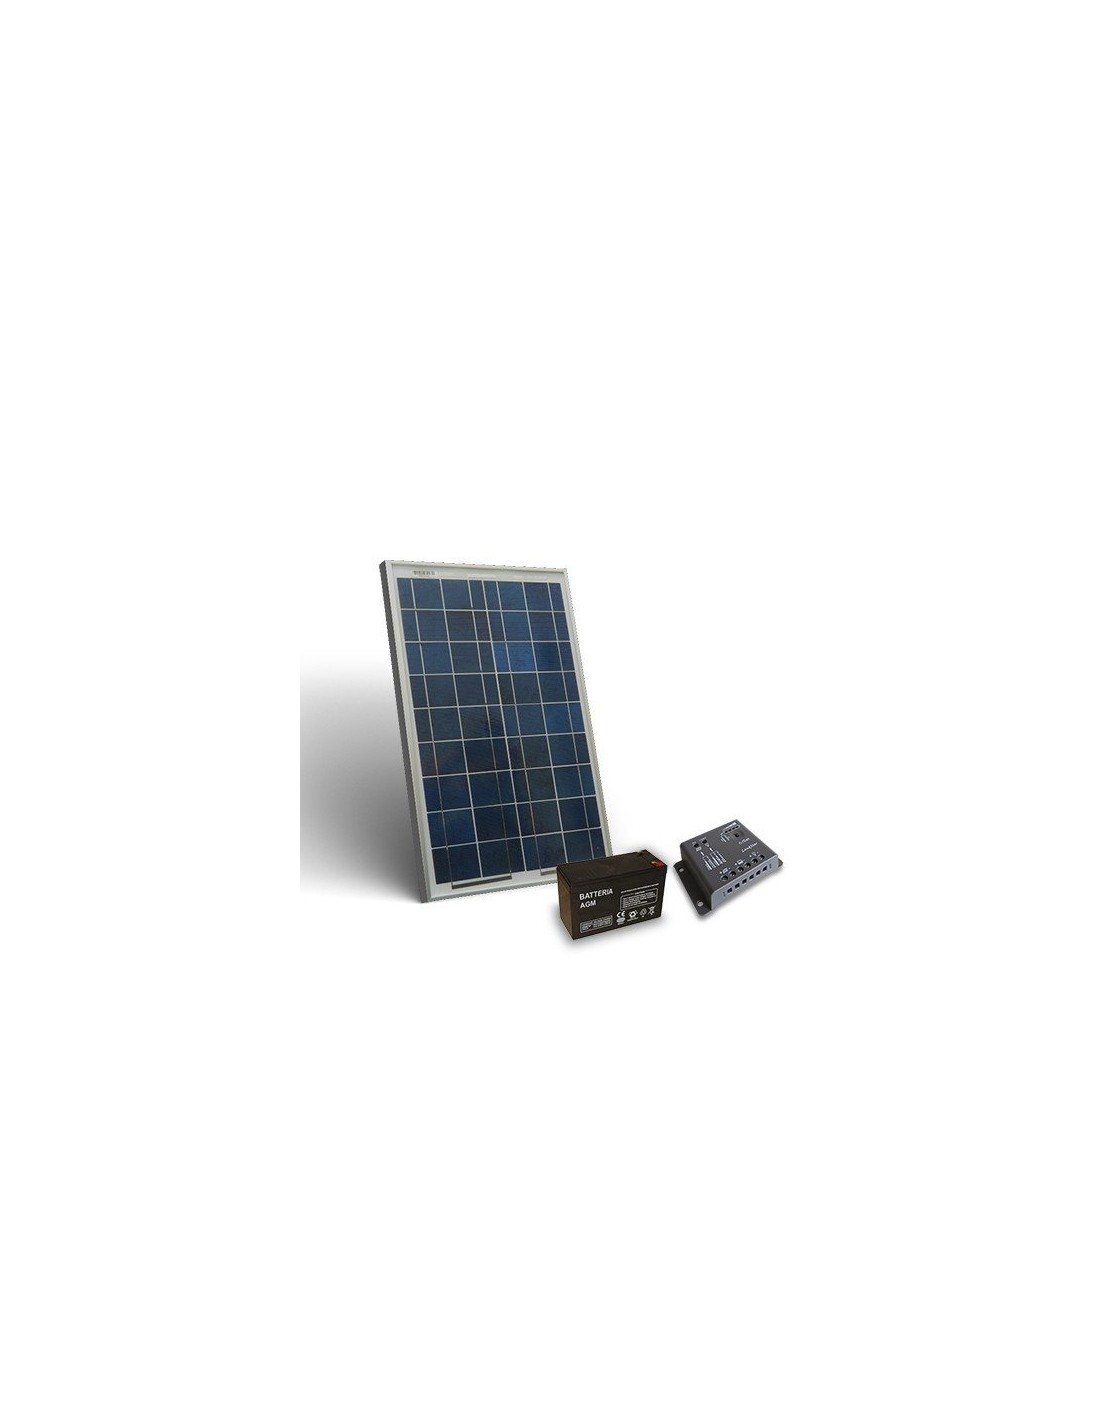 Kit Pannello Solare Offerta : Kit solare pro w v pannello fotovoltaico regolatore a pwm